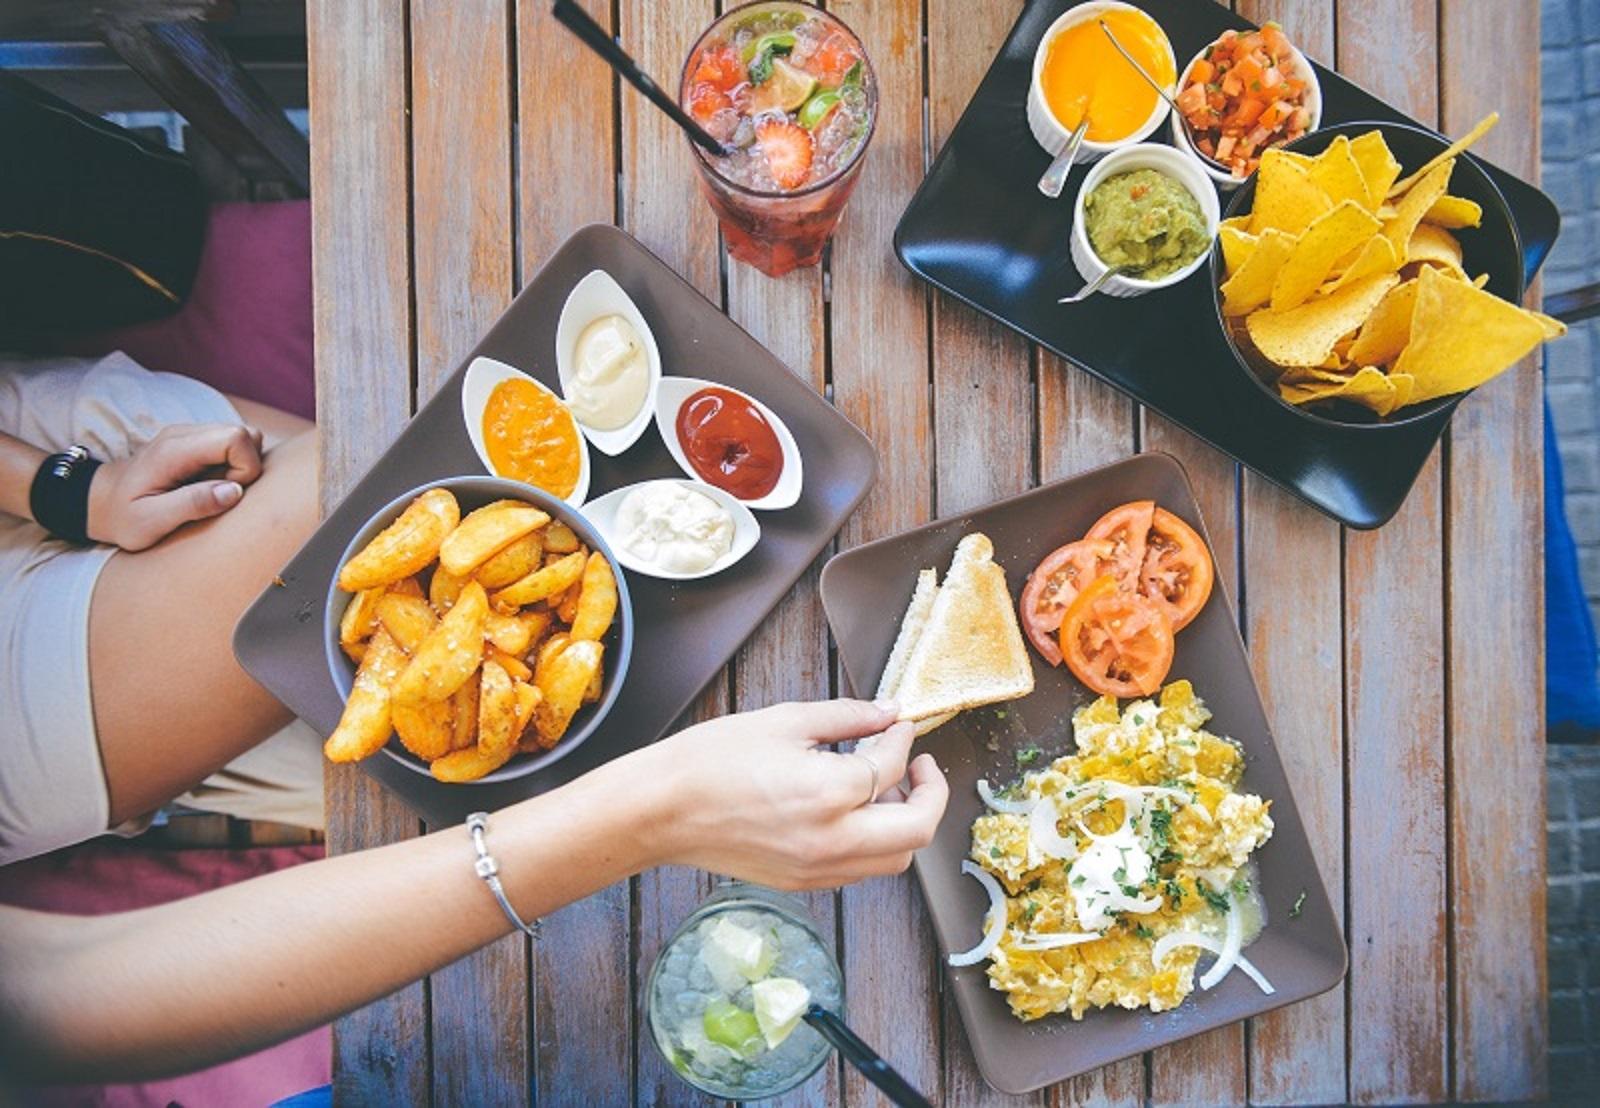 Šta jedu studenti vegetarijanci i vegani?